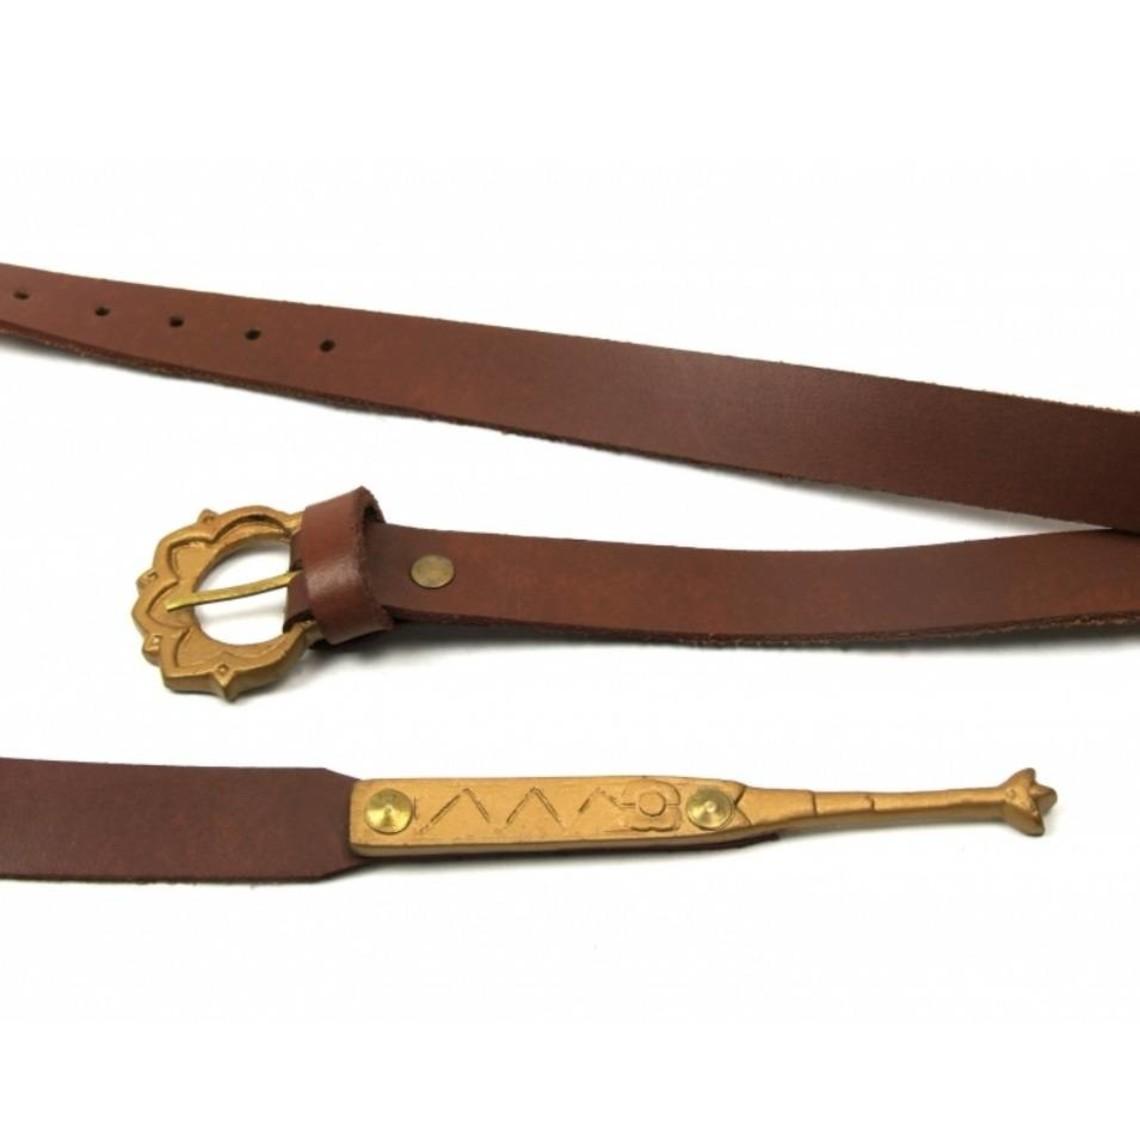 Leonardo Carbone Średniowieczny pas Iseburgis, brązowy